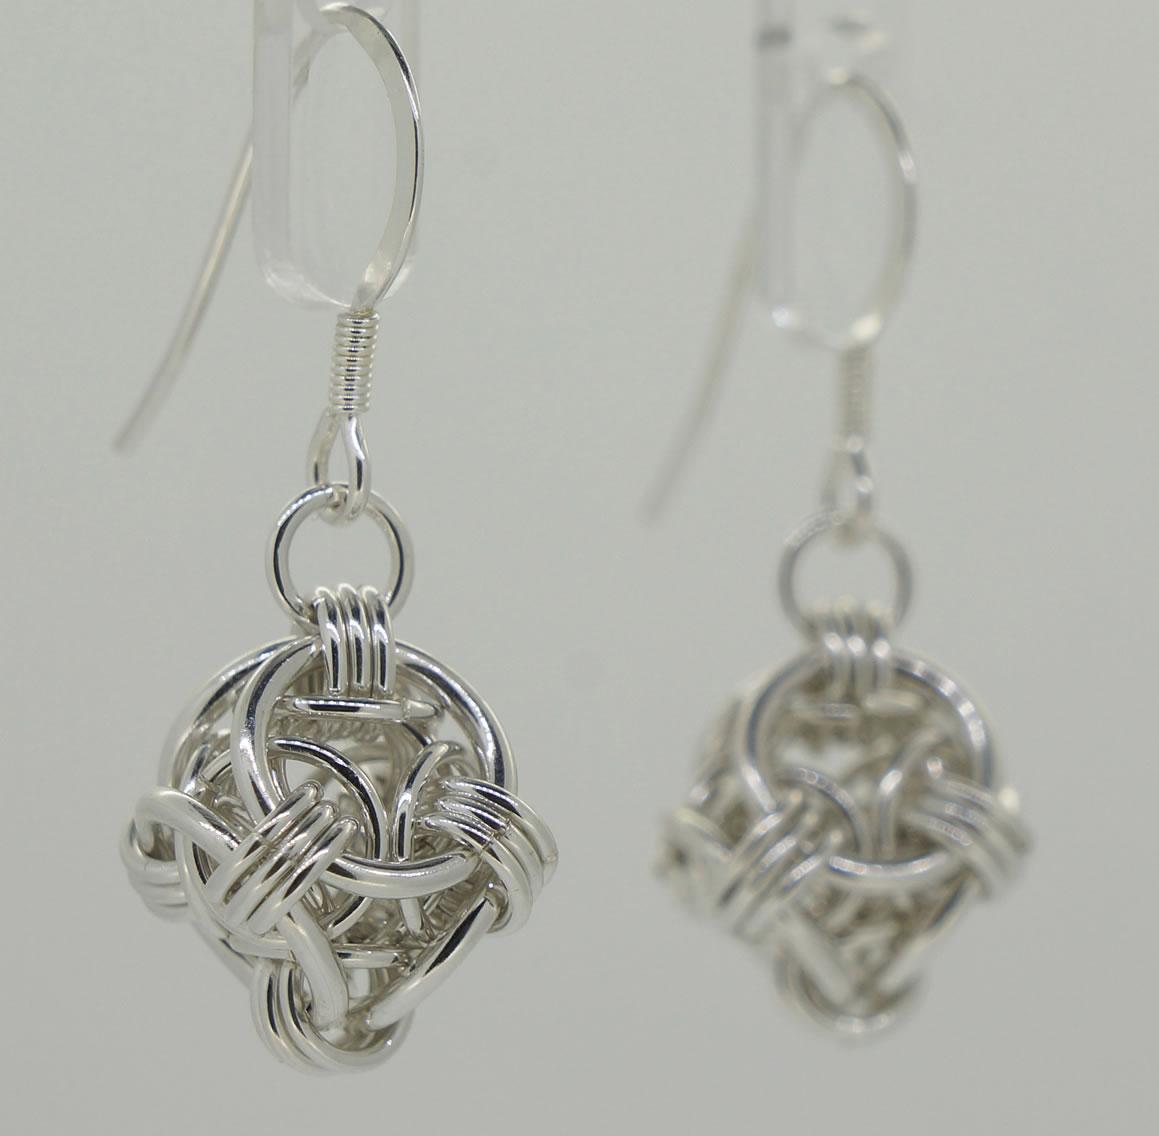 Helm Orb earrings